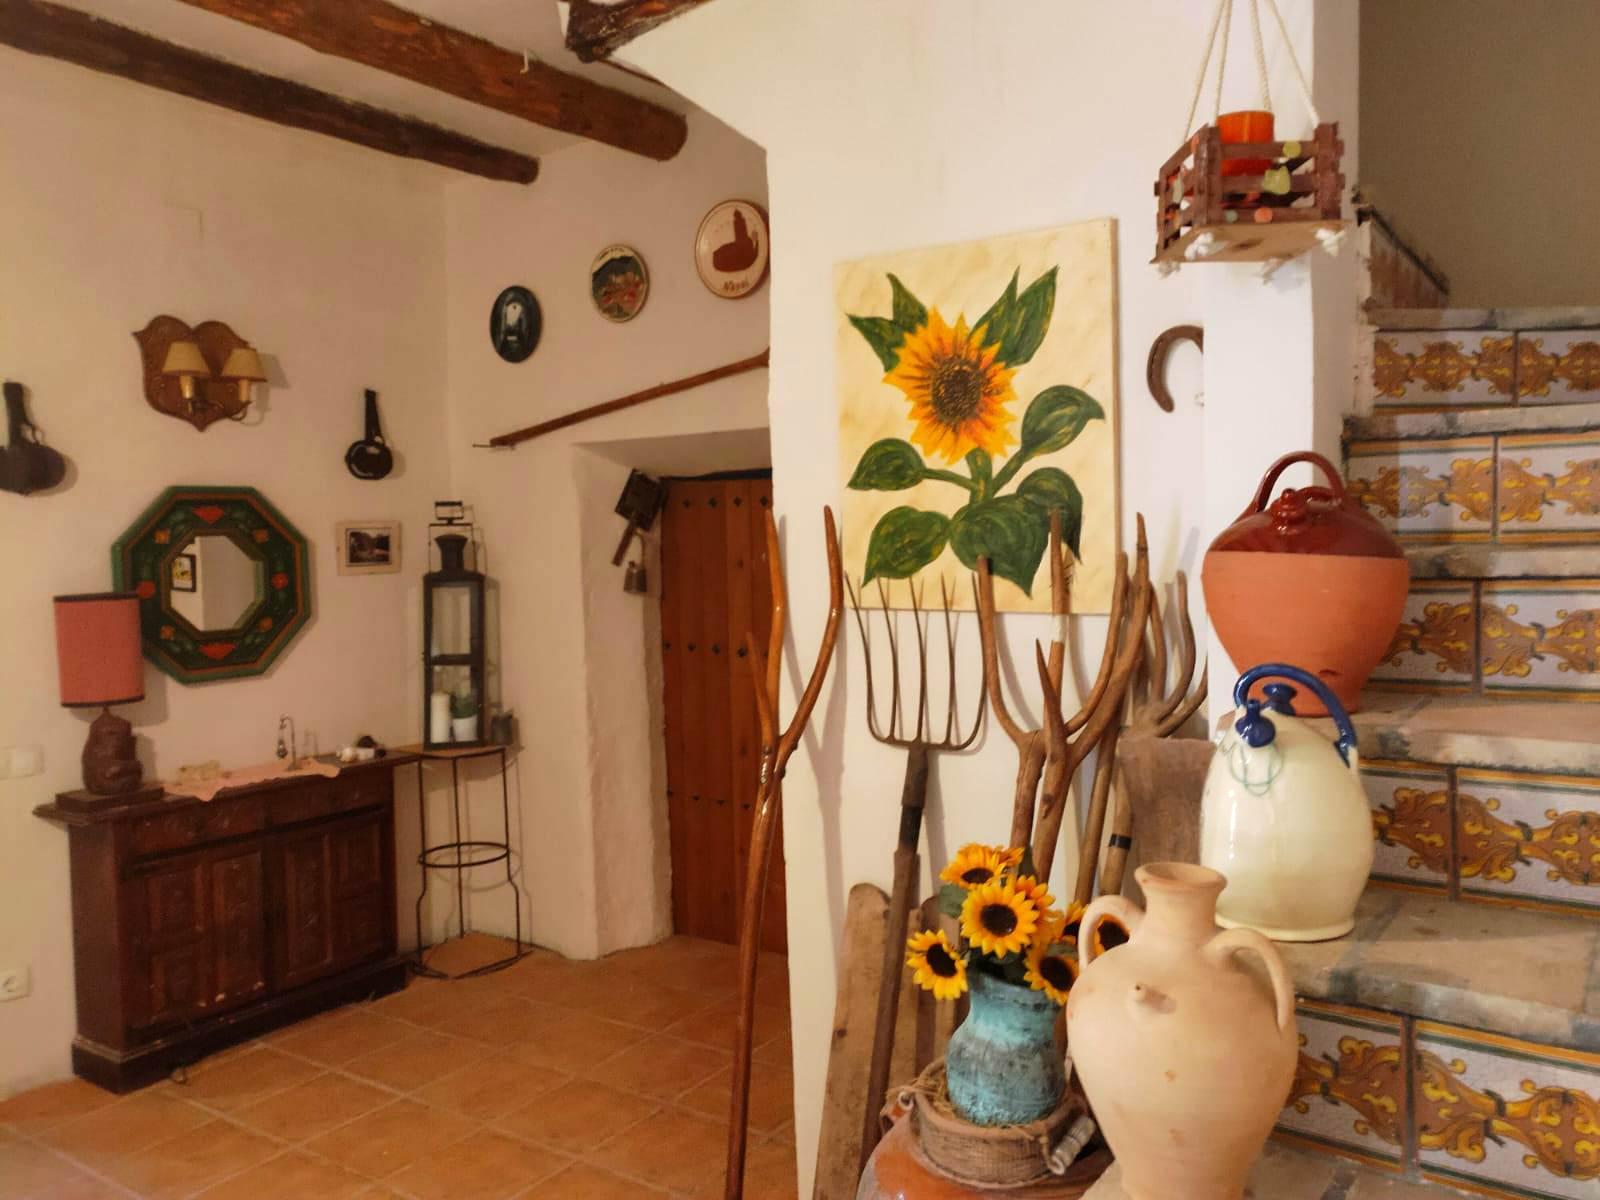 227866 - Casa en venta en Alcampell / Zona centro de la población.